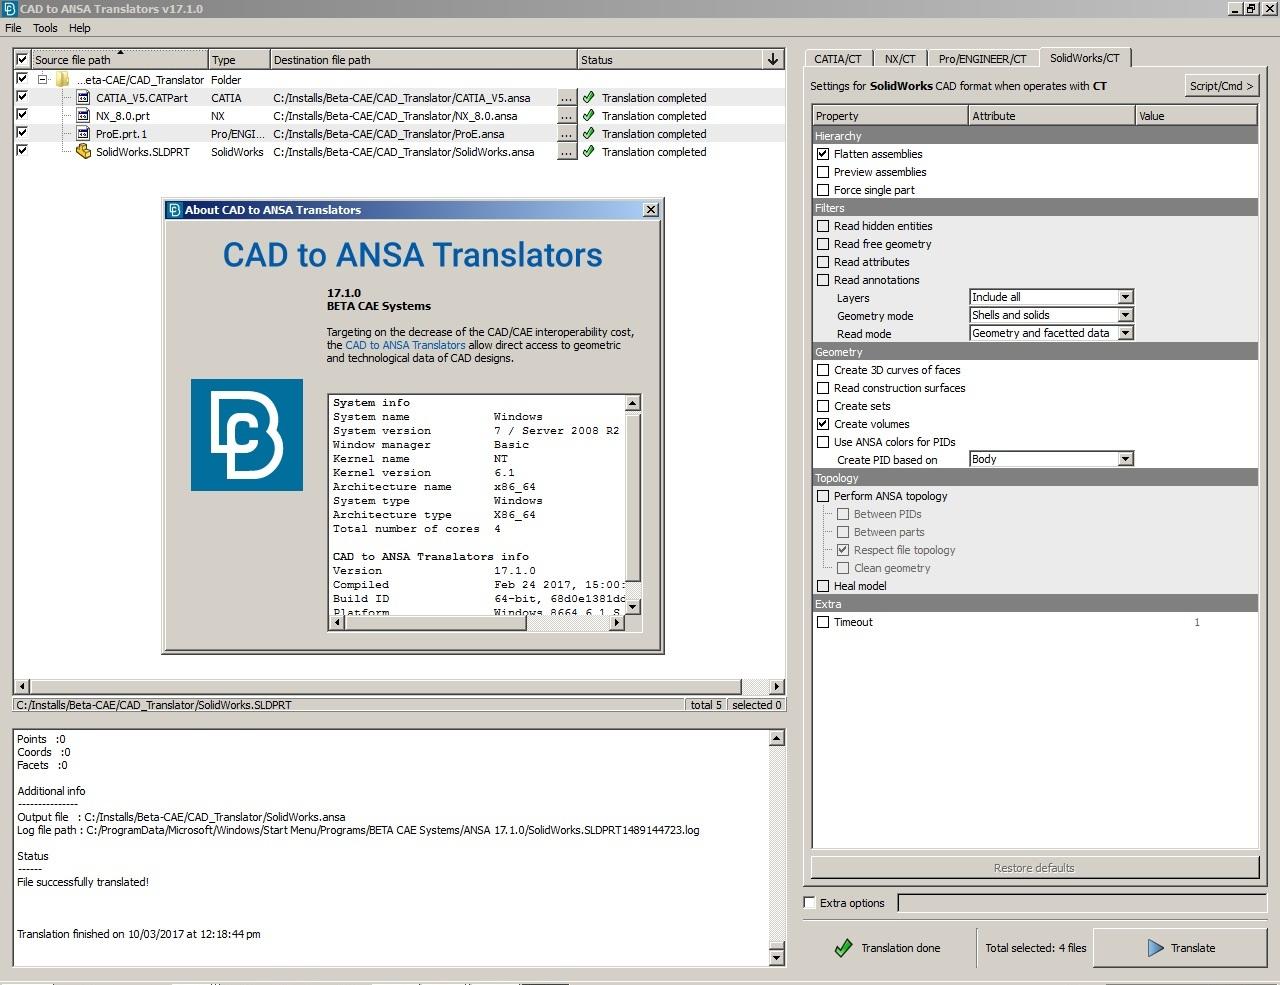 BETA CAE CAD Translator 17.1.0 x64 full crack forever